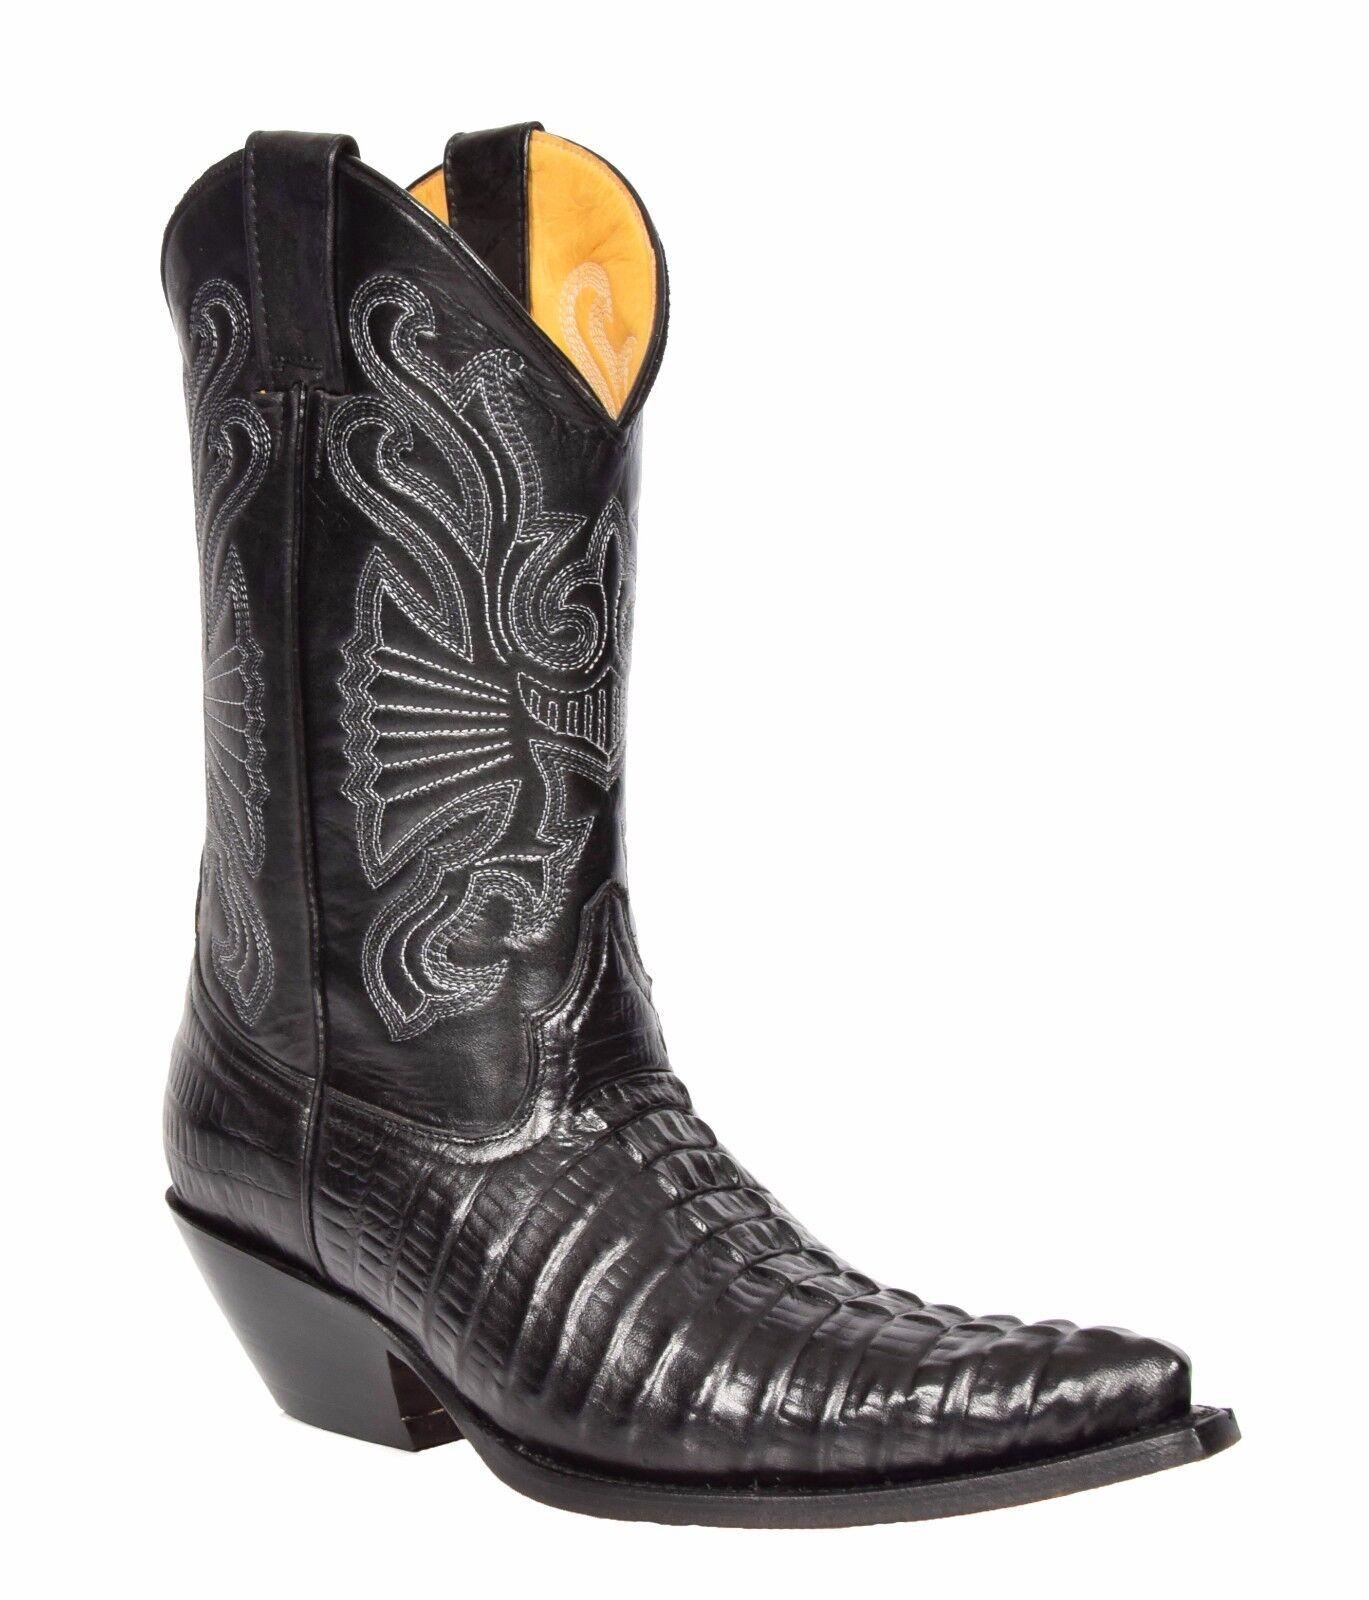 Hombre Cuero Real Botas De Vaquero Oeste Oeste Vaquero Tacón Pantorrilla en Punta Zapatos d14fa9